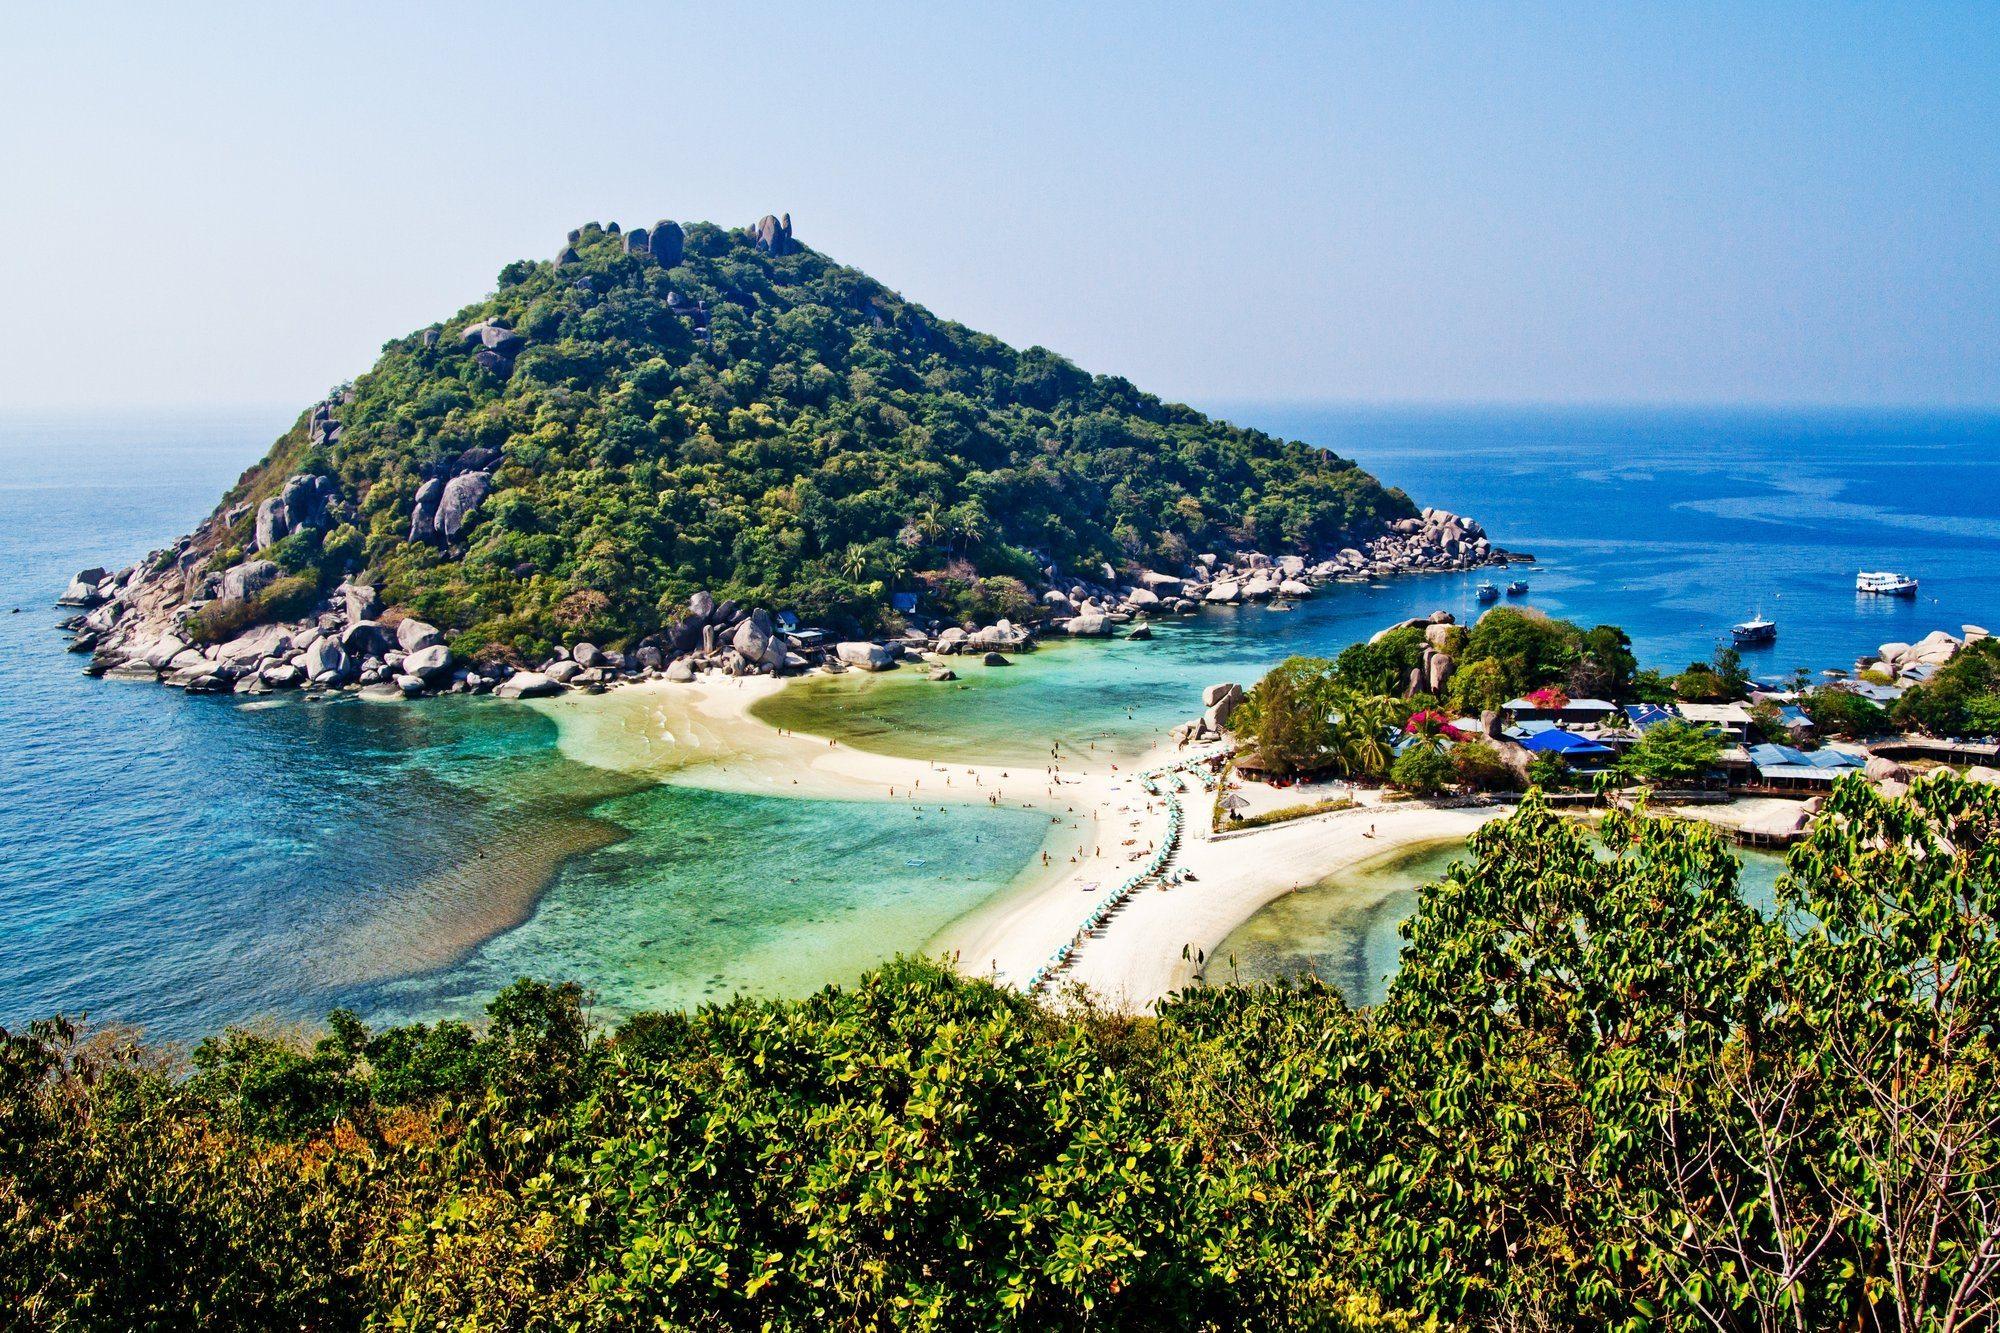 Koh Tao Koh Samui Thailand